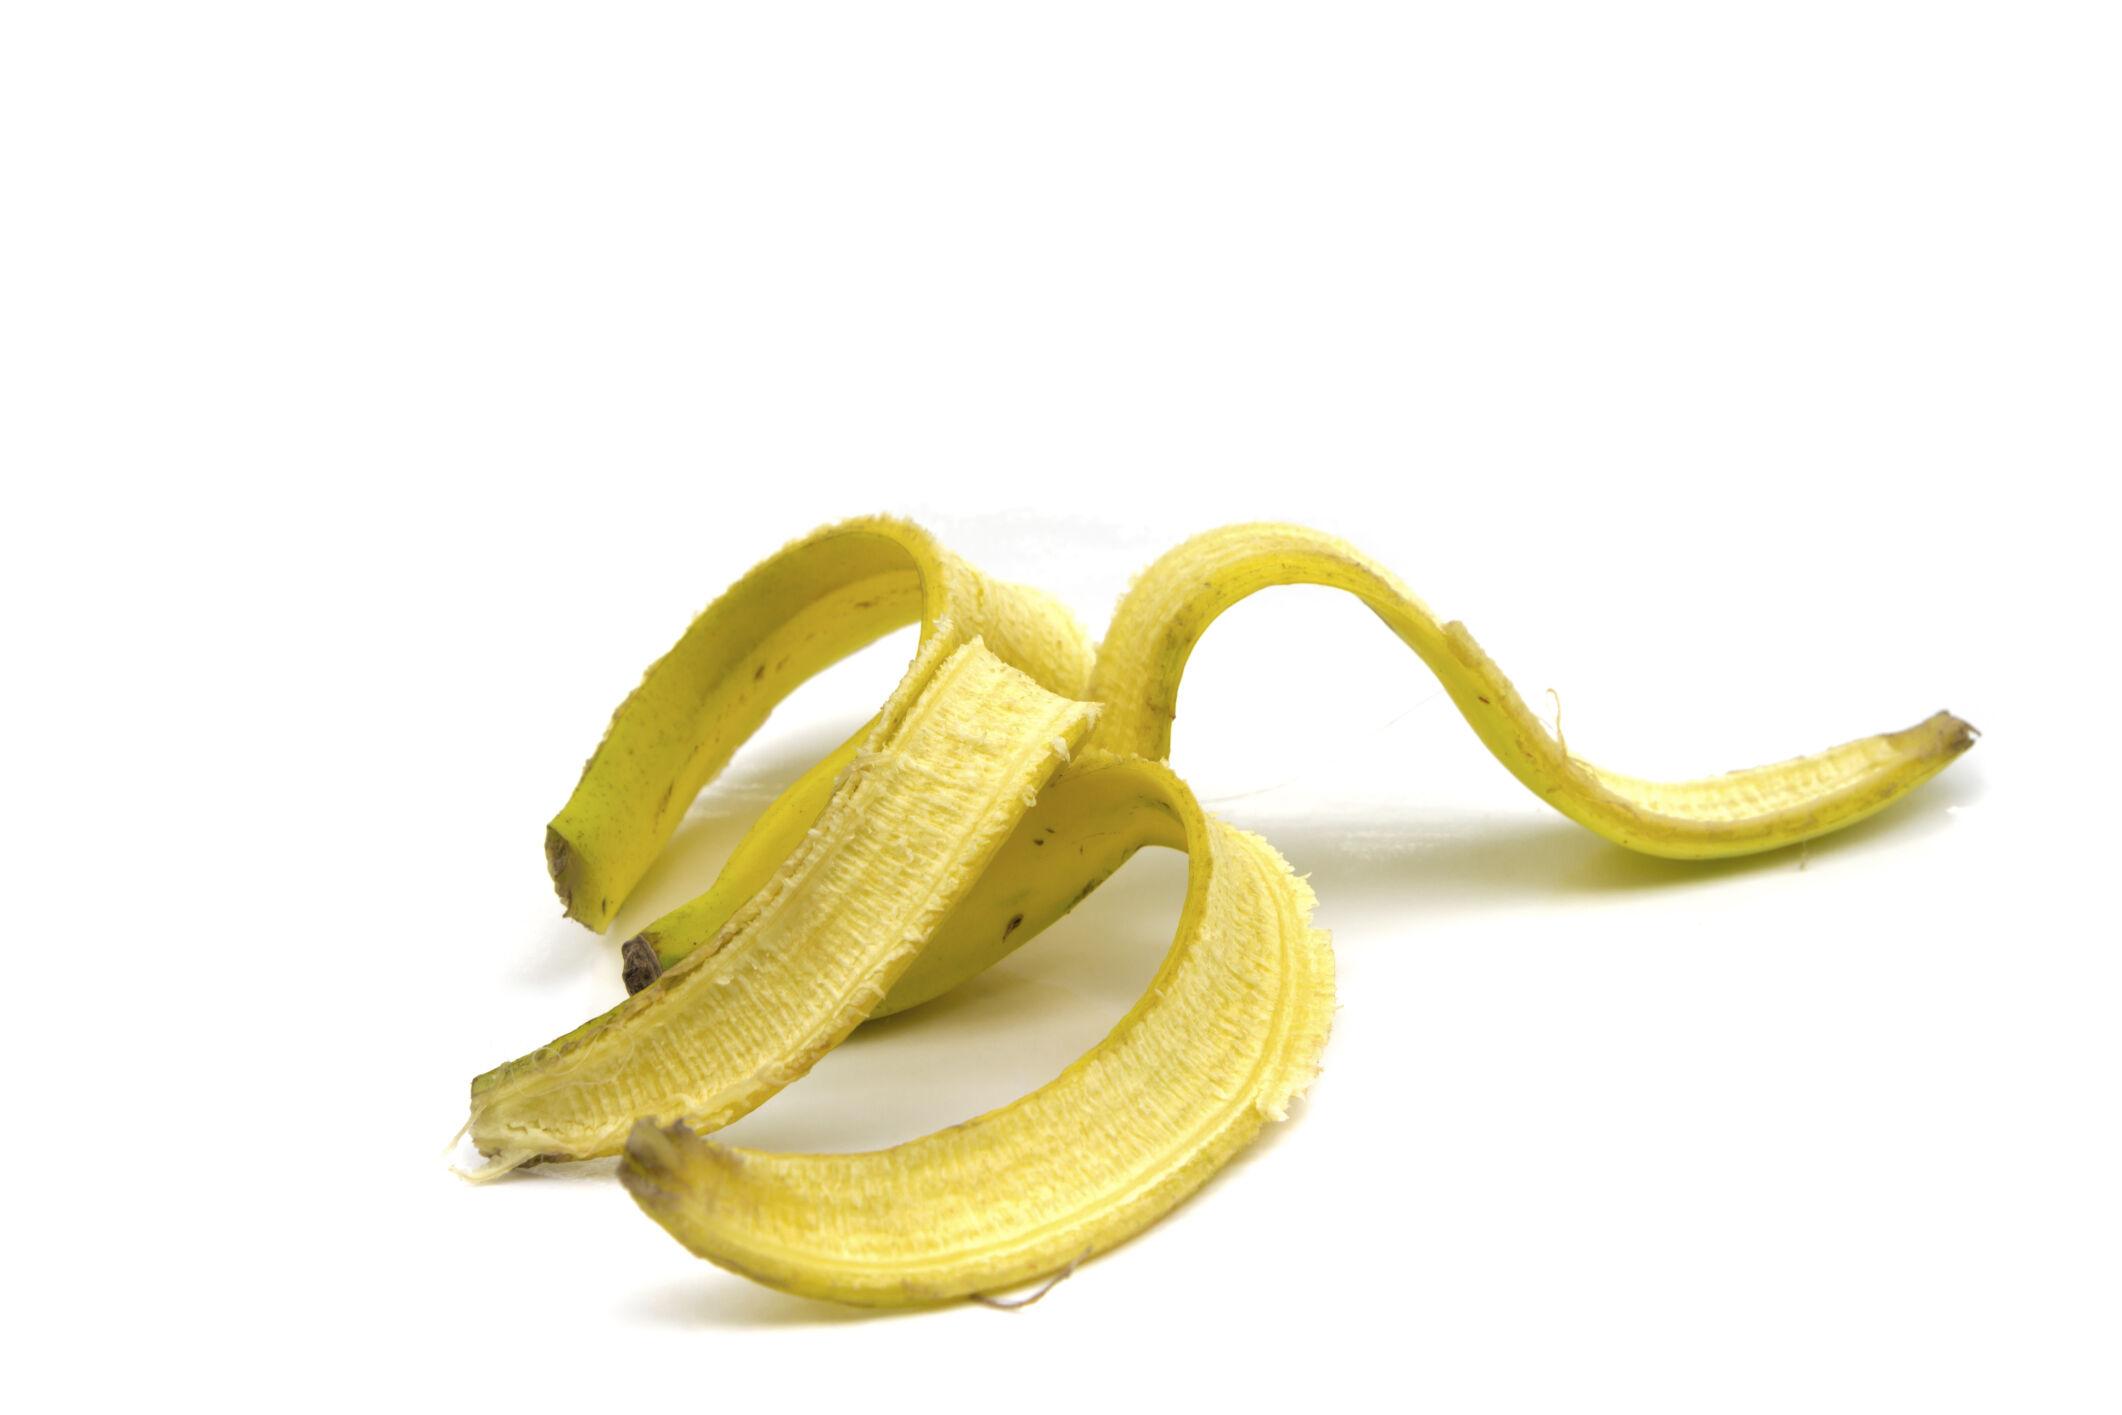 Pattanások ellen is bevethetjük a banánhéjat, ugyanis vitaminokkal és ásványi anyagokkal látja el a bőrt.